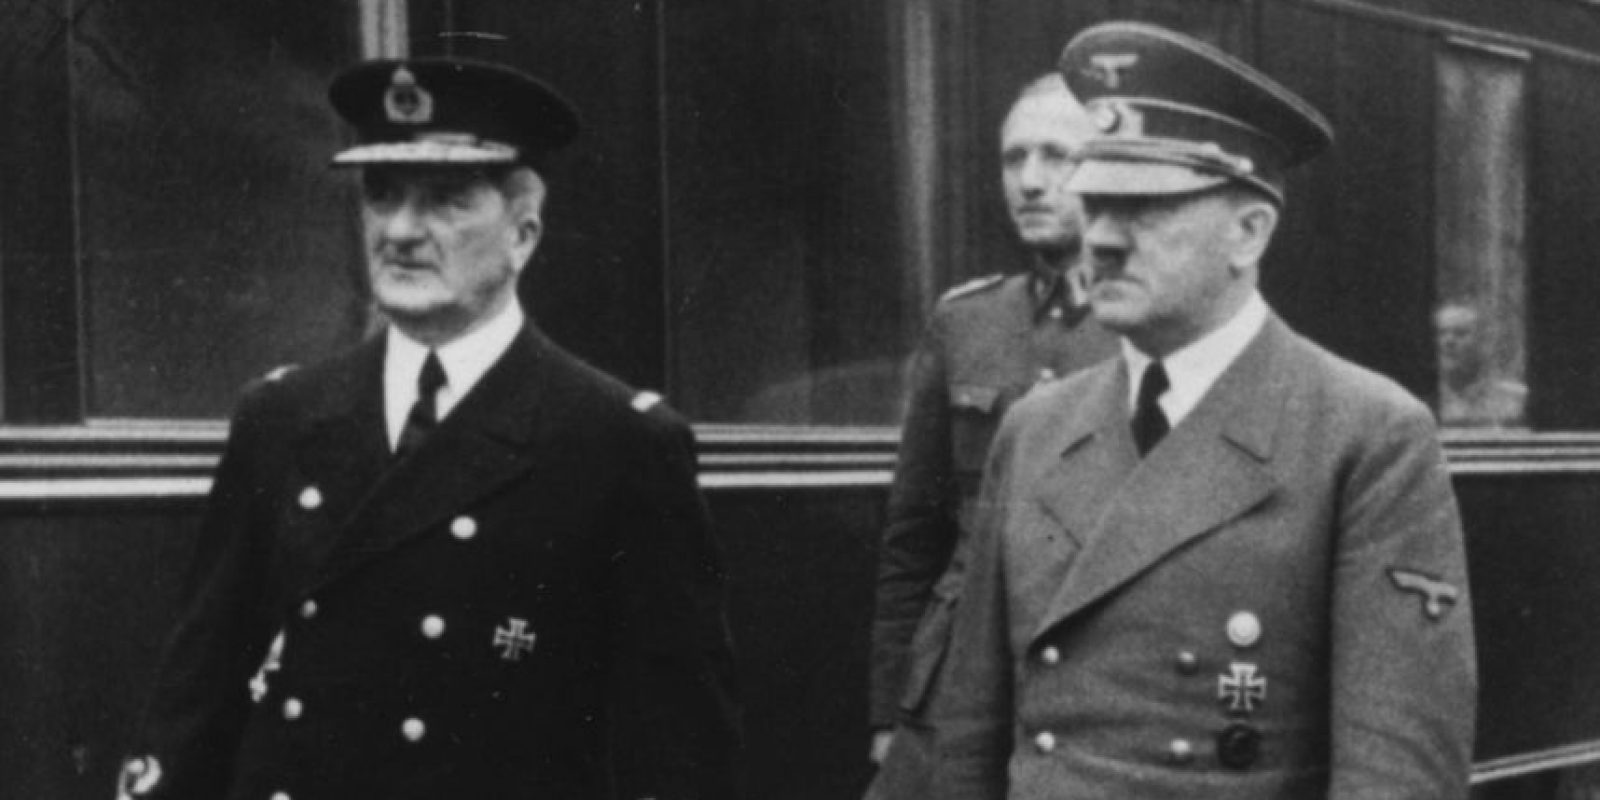 Se cree que el ejército de Hitler intentó esconderlo Foto:Getty Images